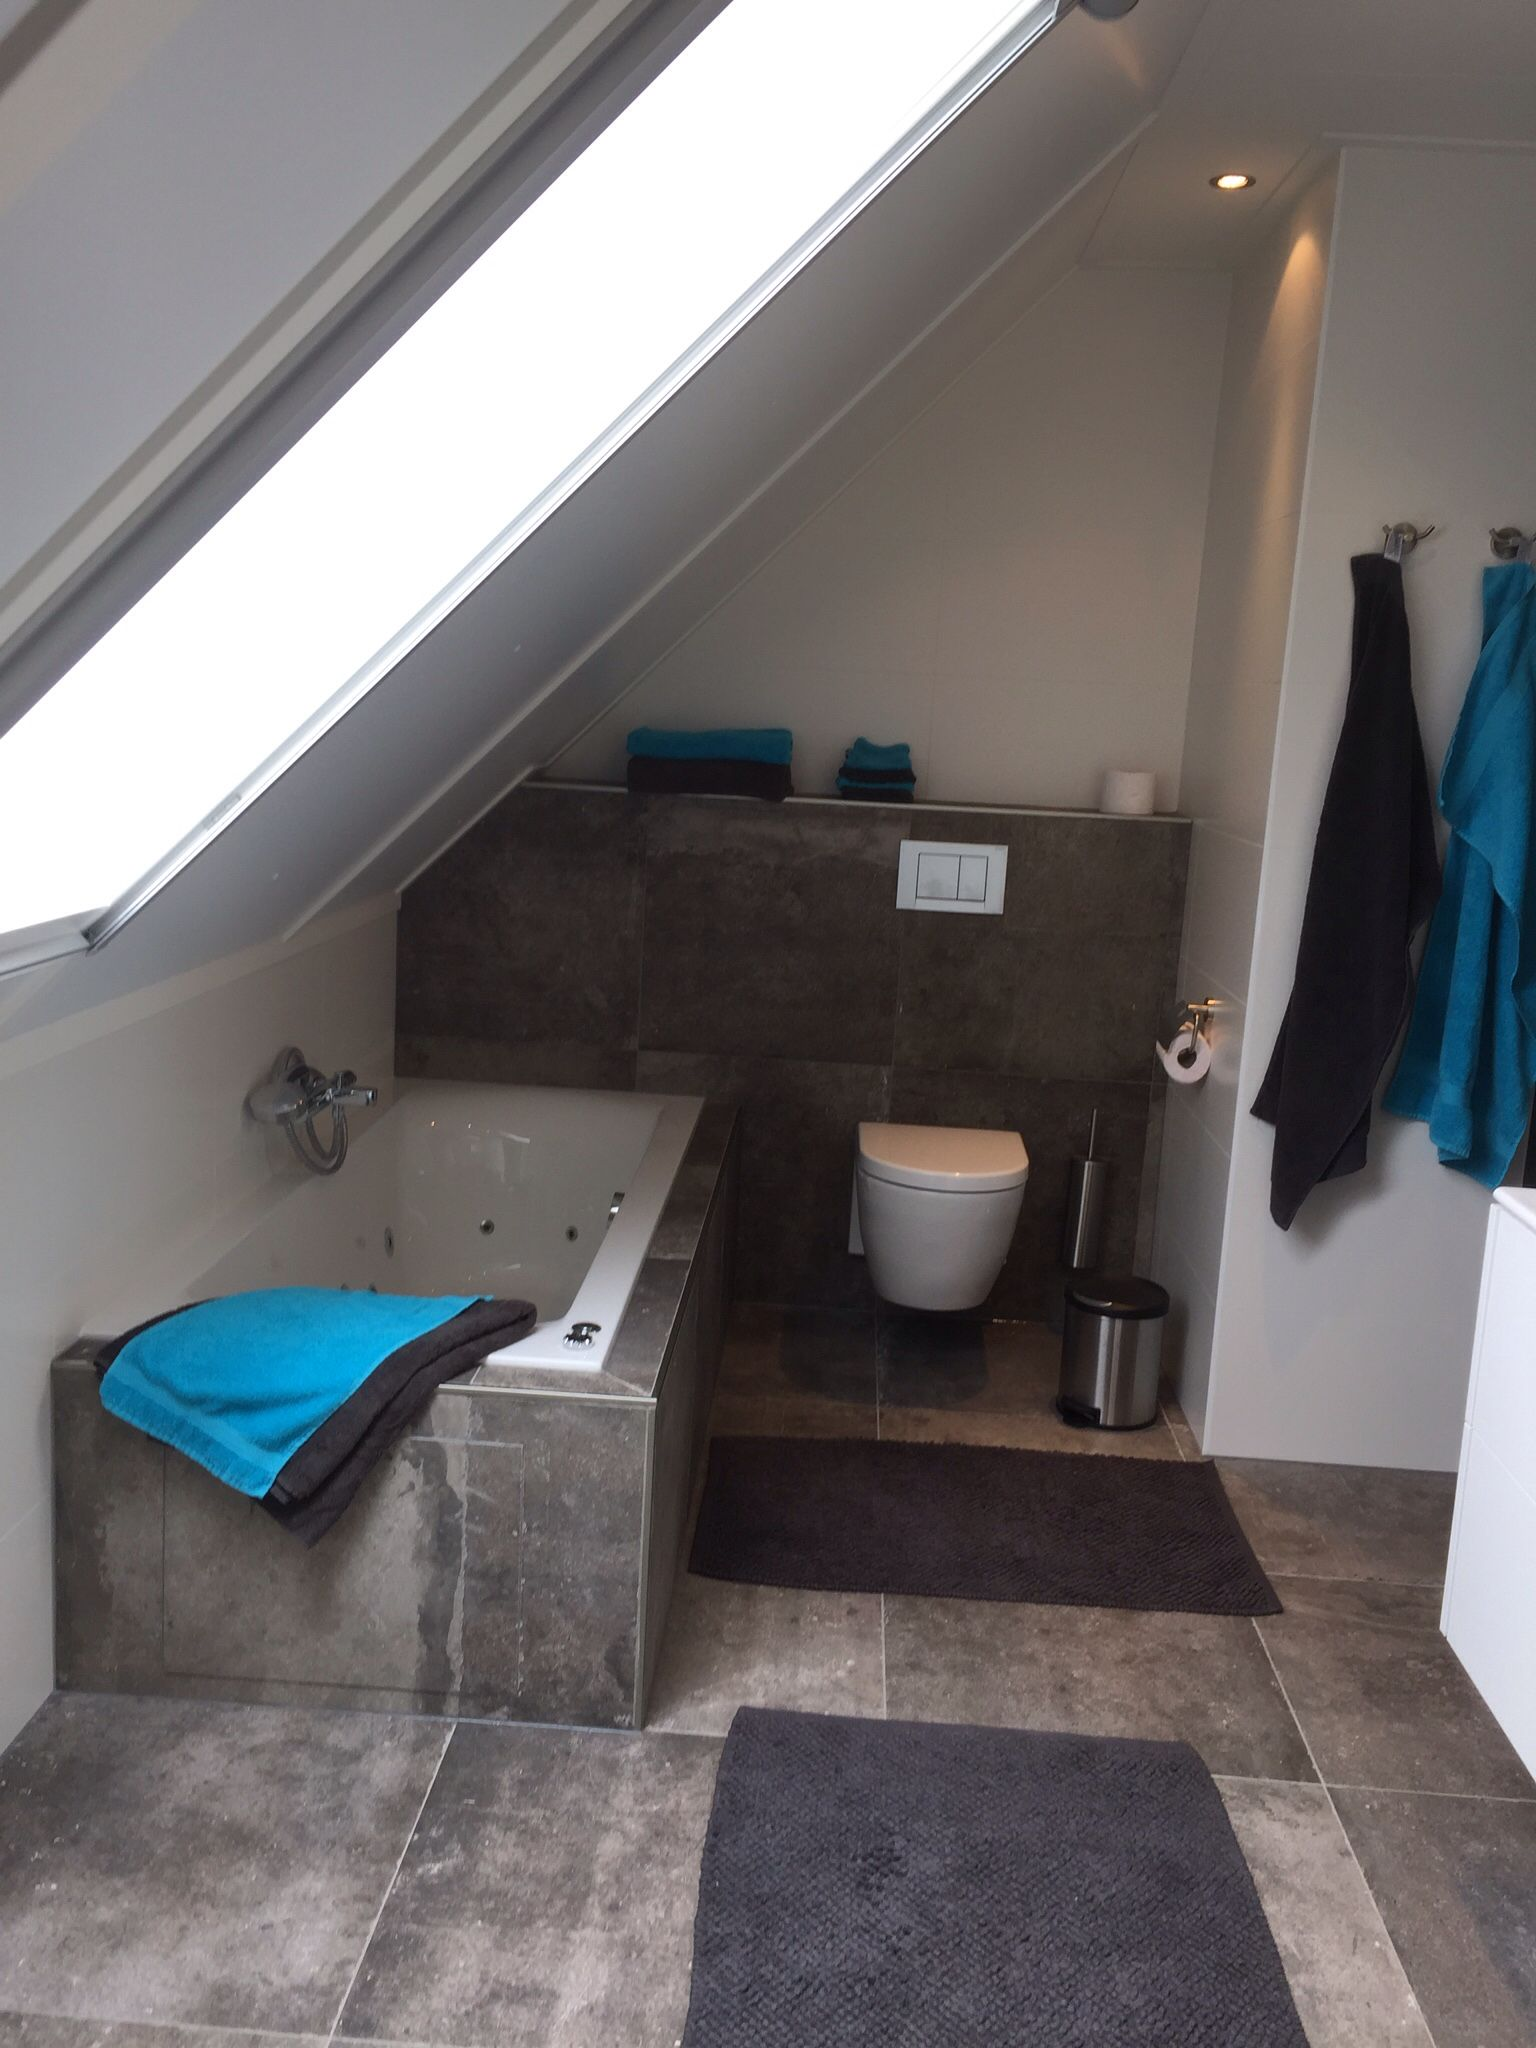 luxe badkamer met vloerverwarming philippe starck toilet